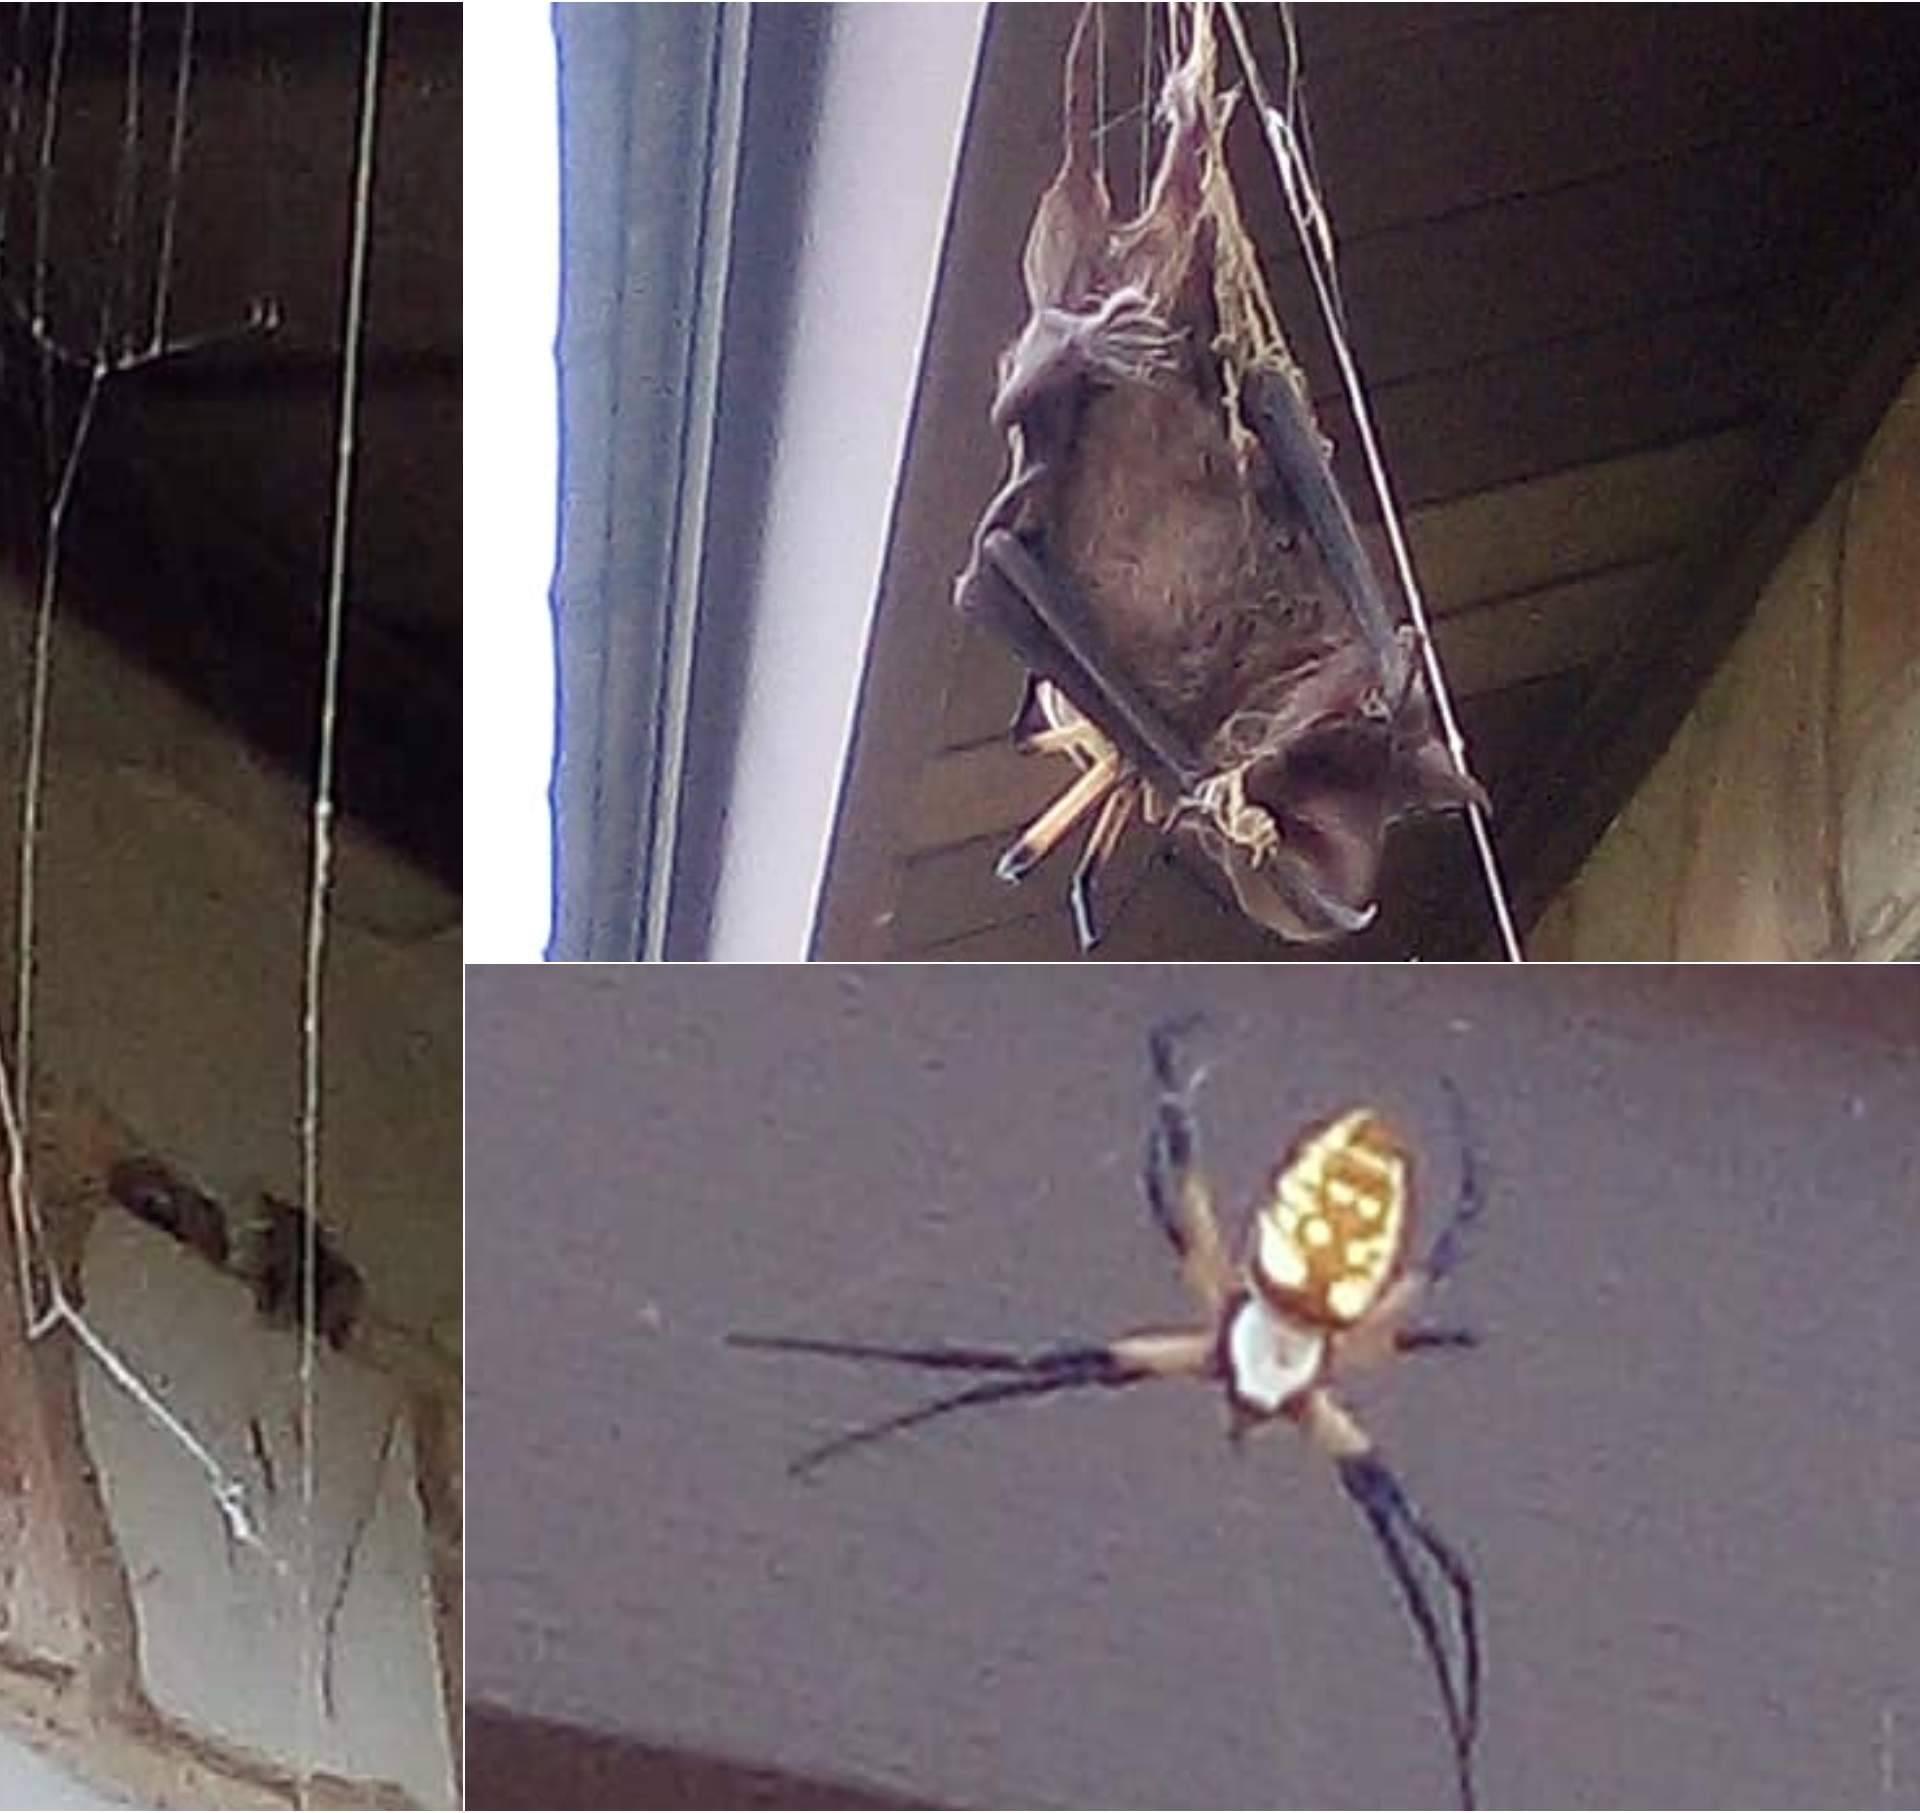 Doživjela šok u dvorištu kuće: Divovski pauk proždire šišmiša